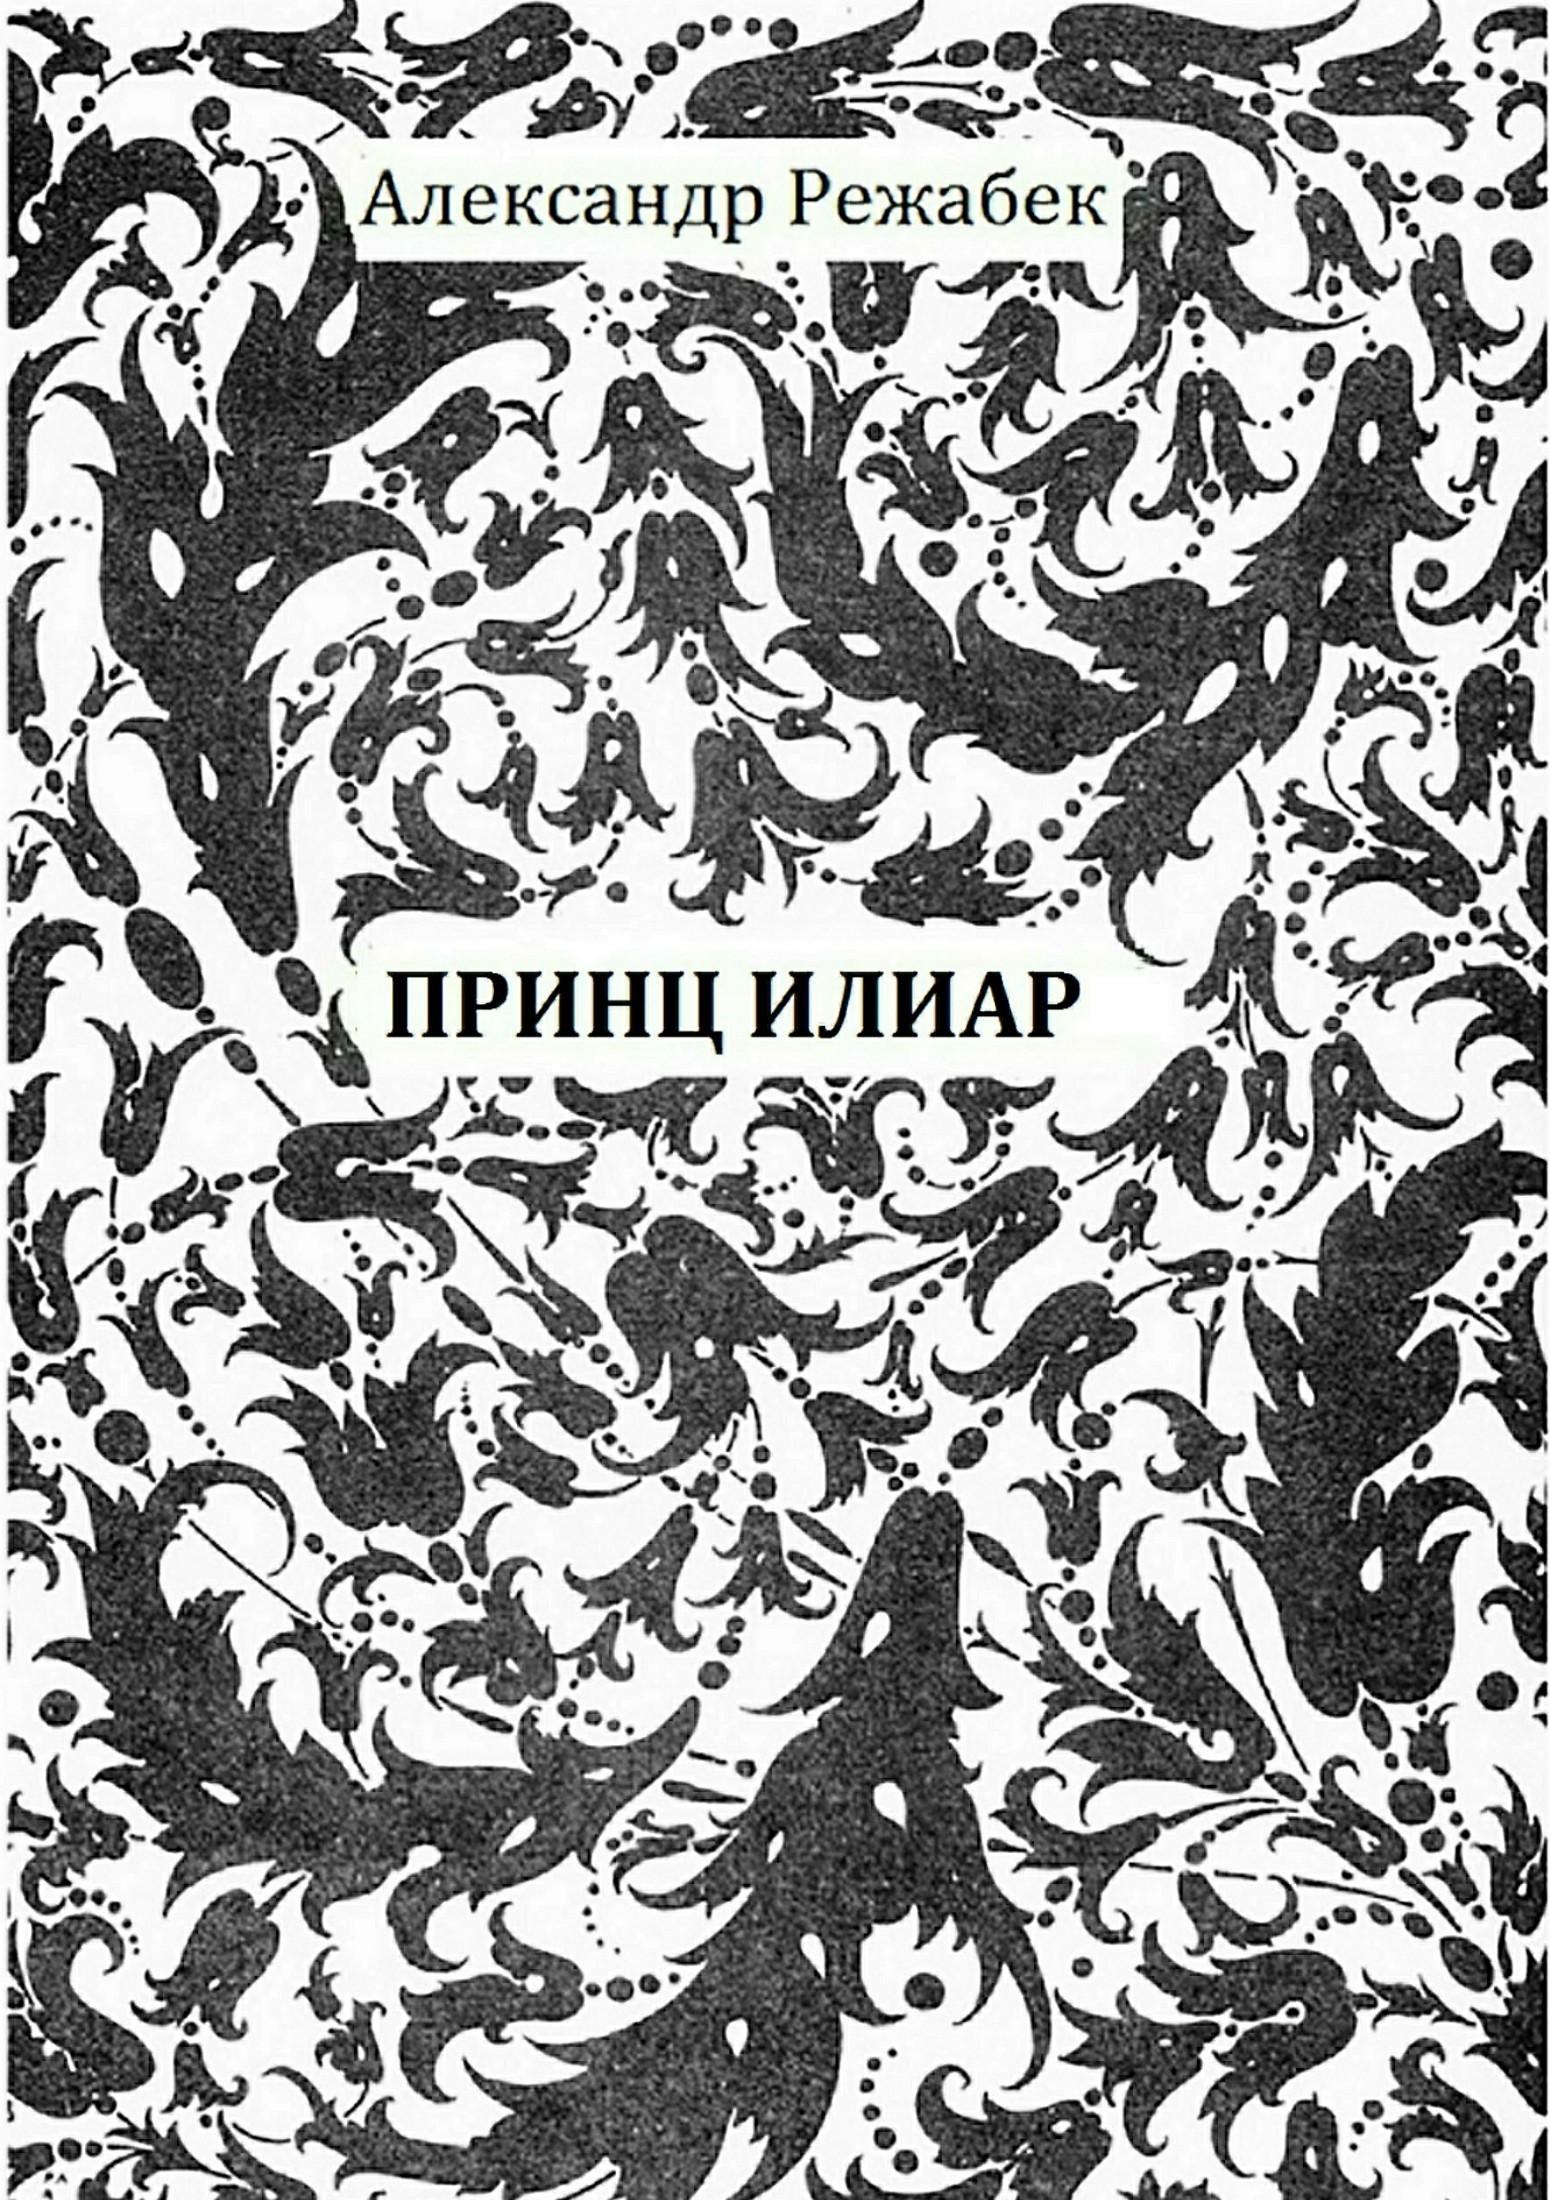 Александр Евгеньевич Режабек бесплатно